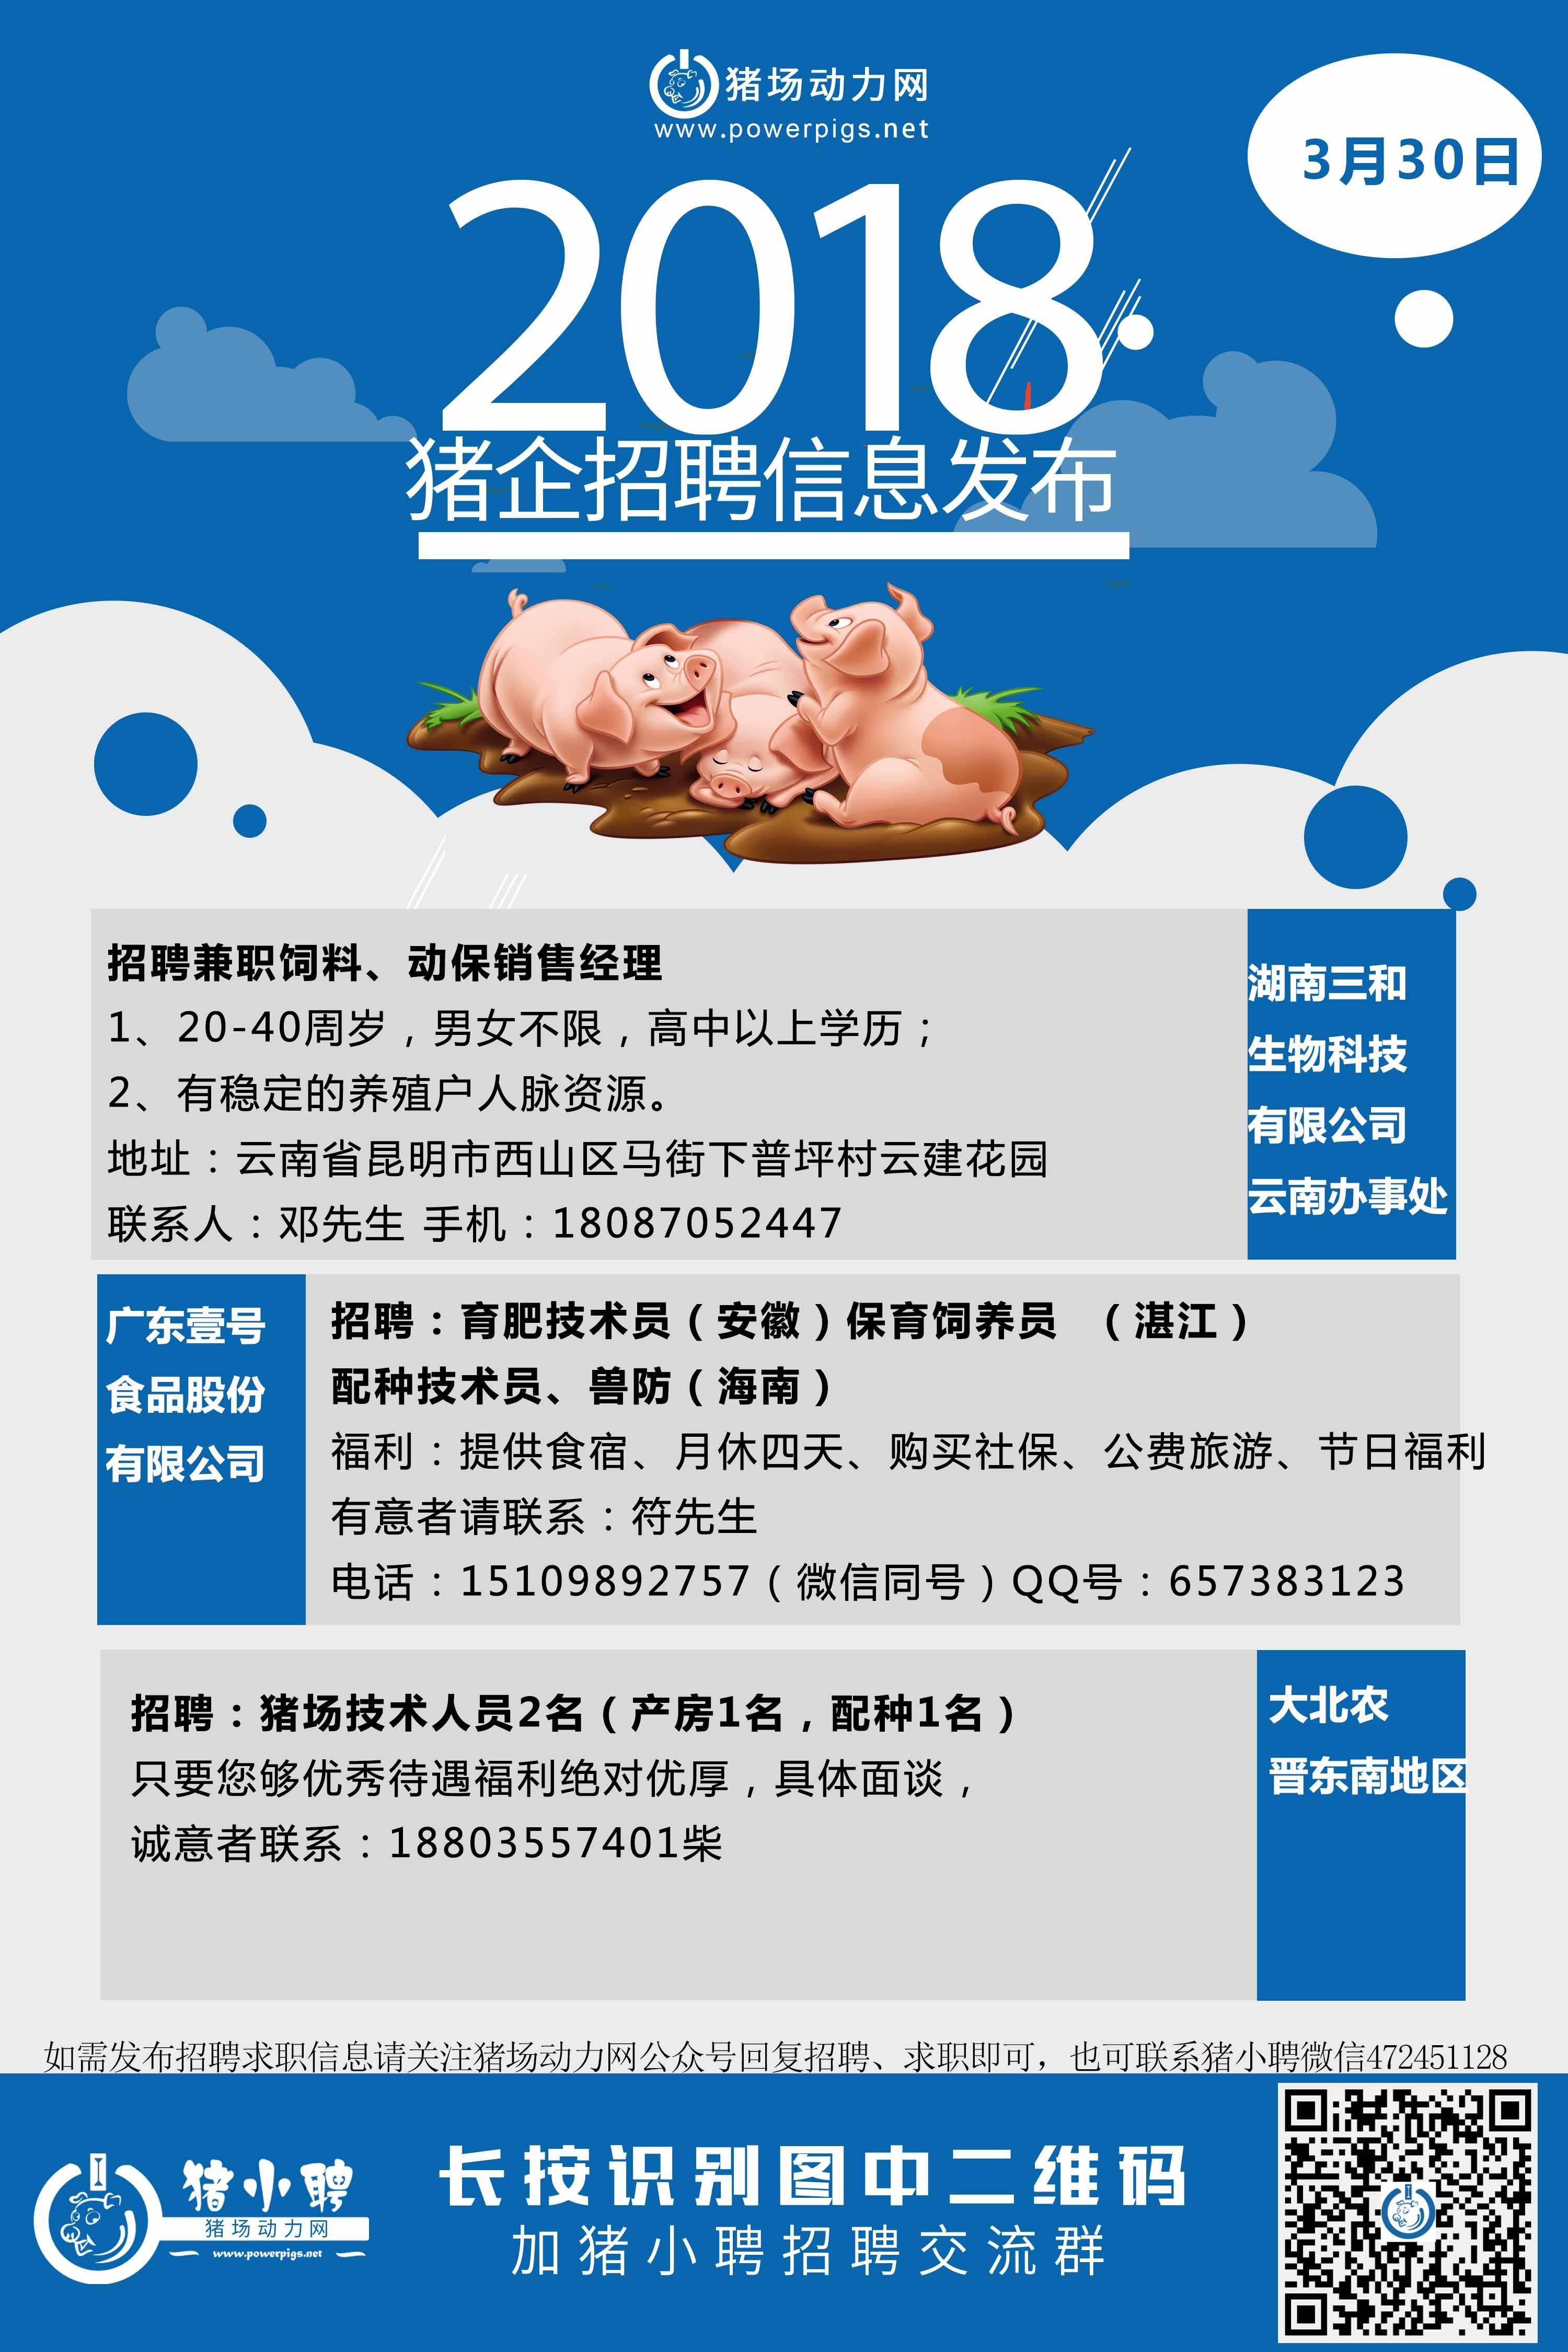 3.30日猪场招聘.jpg